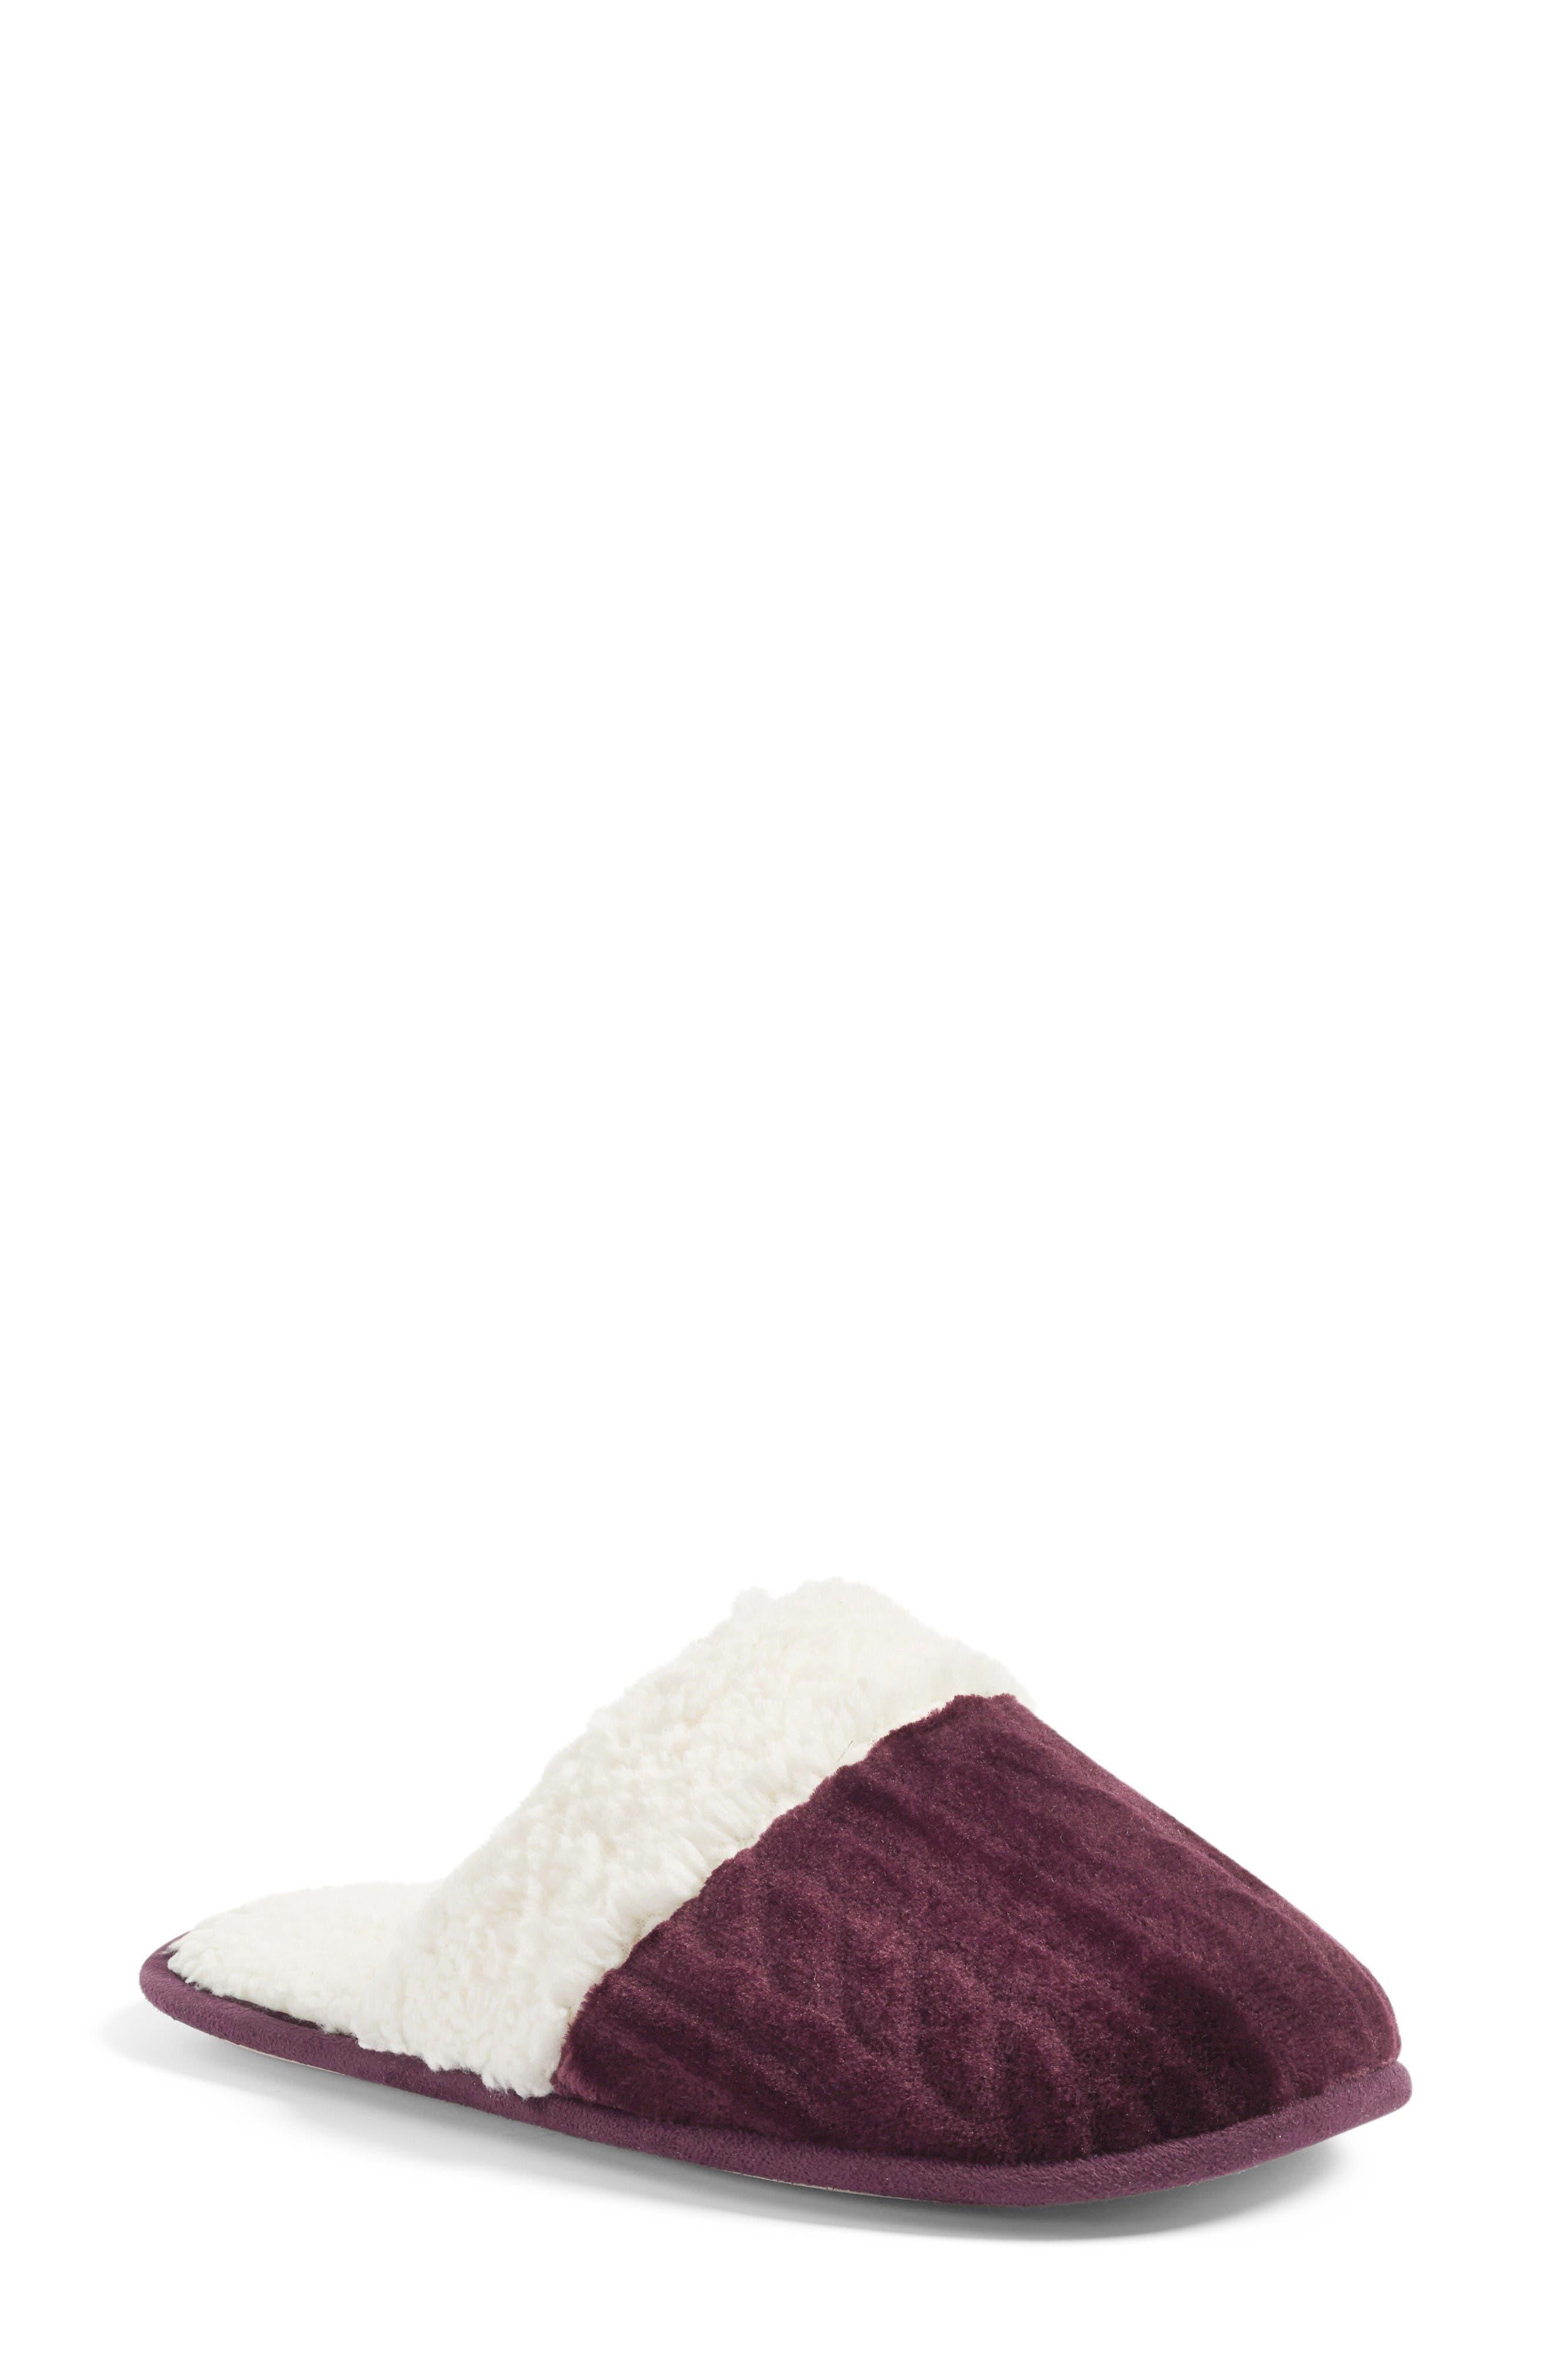 Alternate Image 1 Selected - Nordstrom Plush Scuff Slipper (Women)